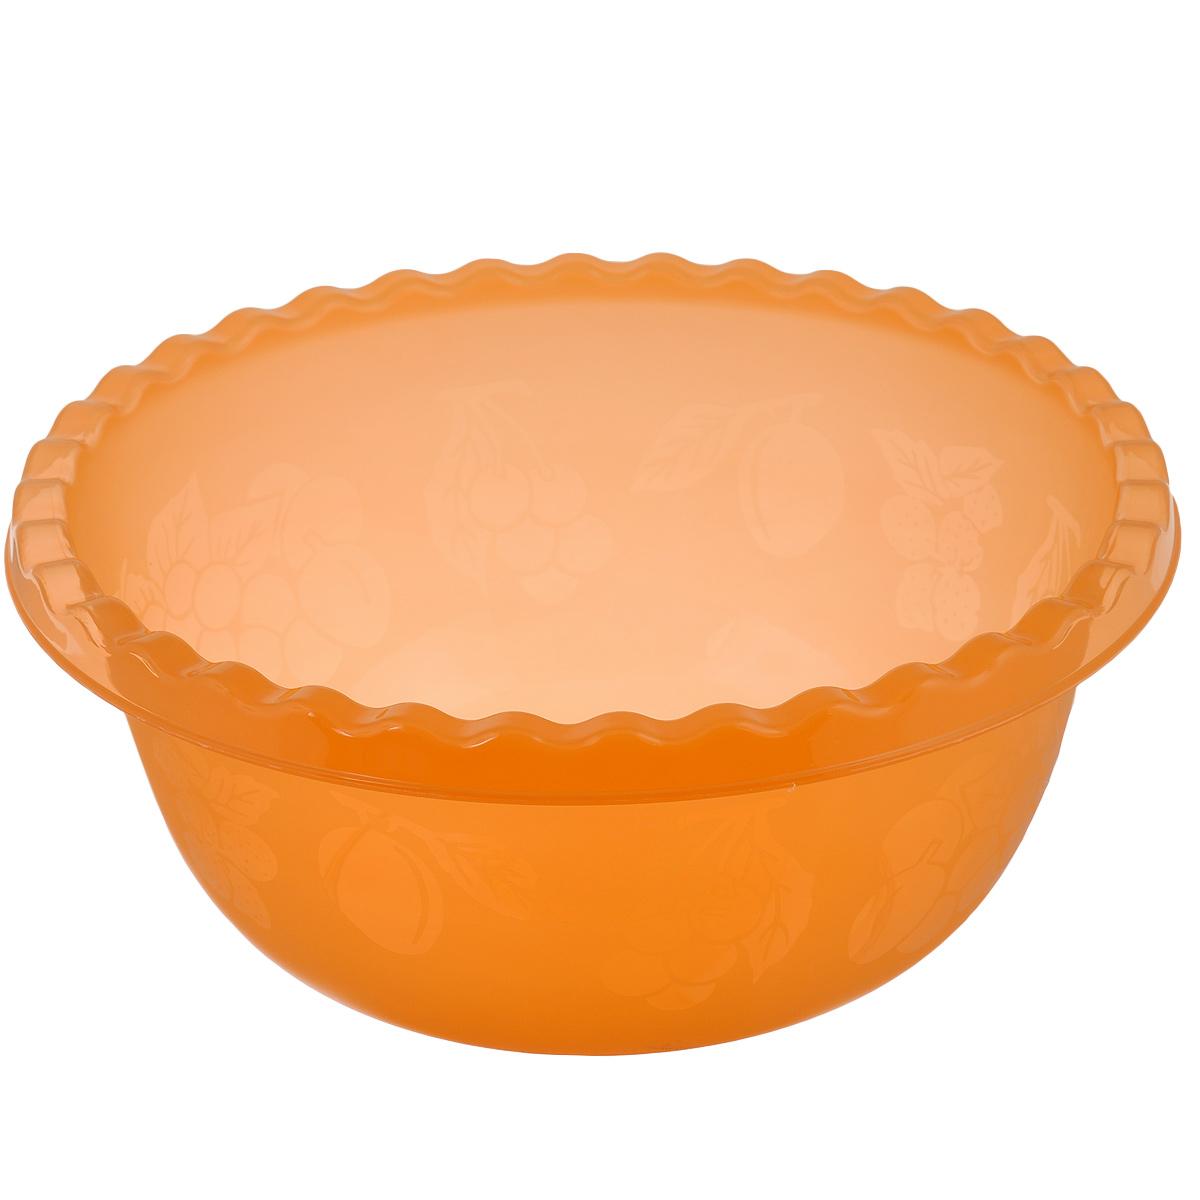 Миска Idea, цвет: оранжевый, 5 лМ 1313Вместительная миска Idea изготовлена из высококачественного пищевого пластика. Изделие очень функциональное, оно пригодится на кухне для самых разнообразных нужд: в качестве салатника, миски, тарелки. По периметру миска украшена узором в виде фруктов.Диаметр миски: 28,5 см.Высота миски: 12 см.Объем: 5 л.